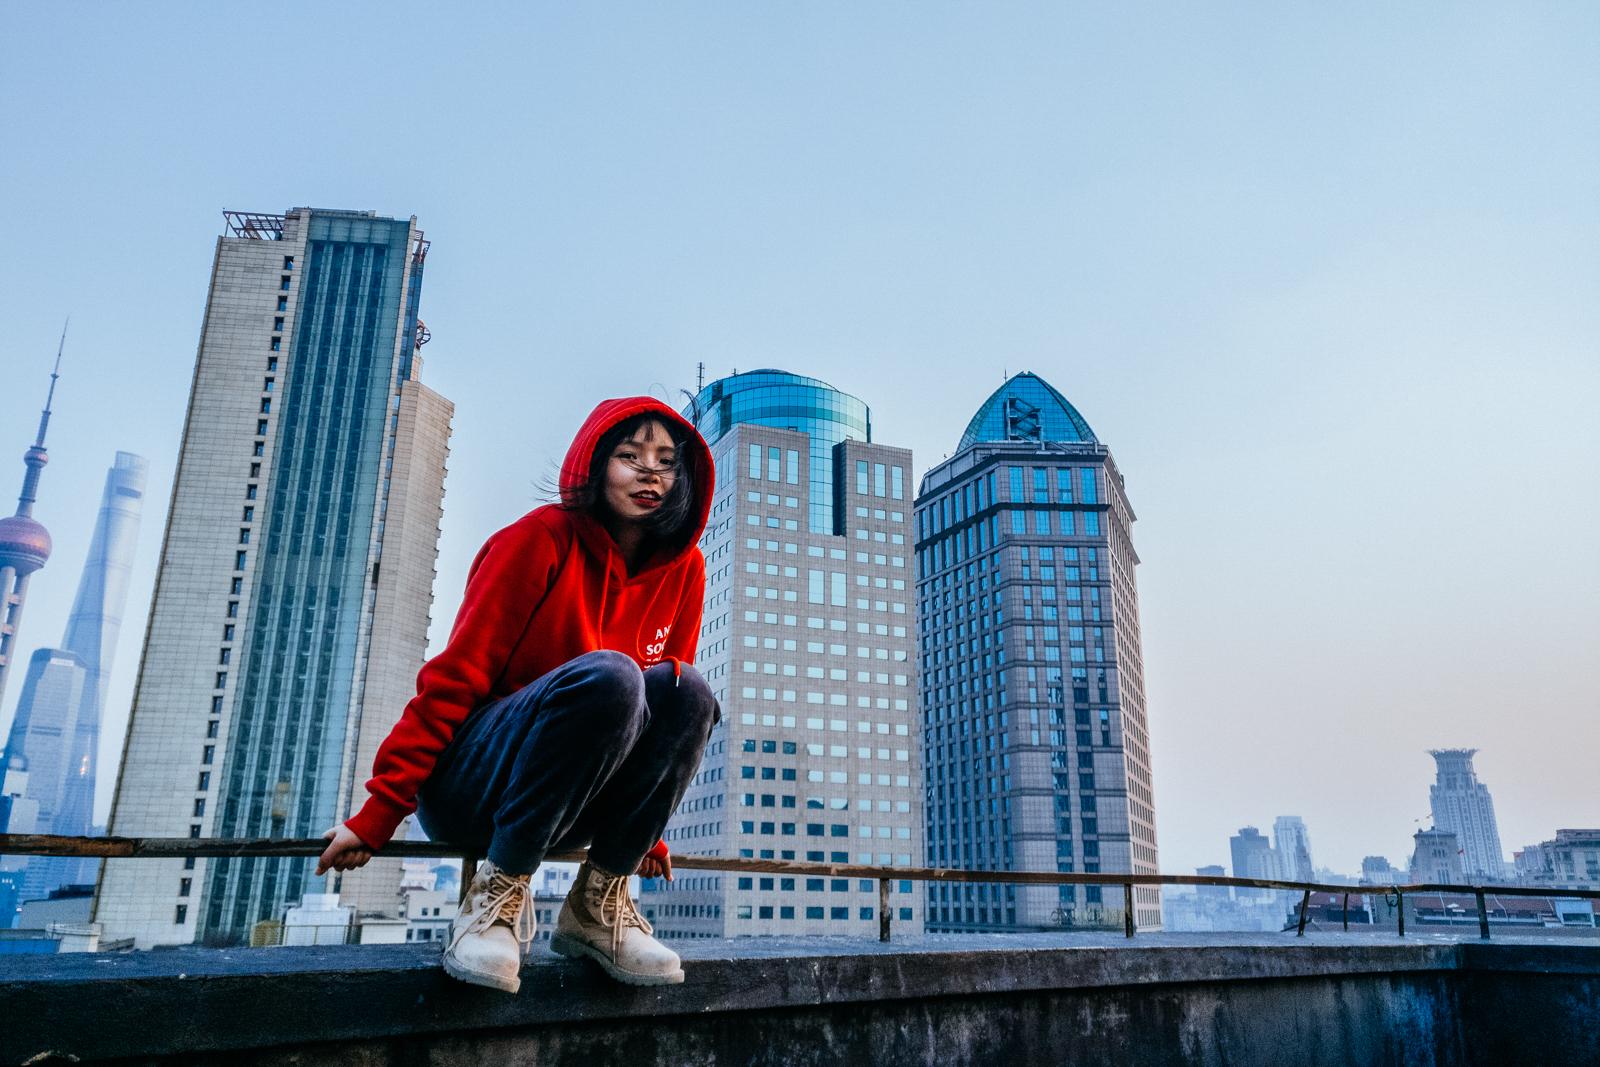 杭州之俊大厦模特